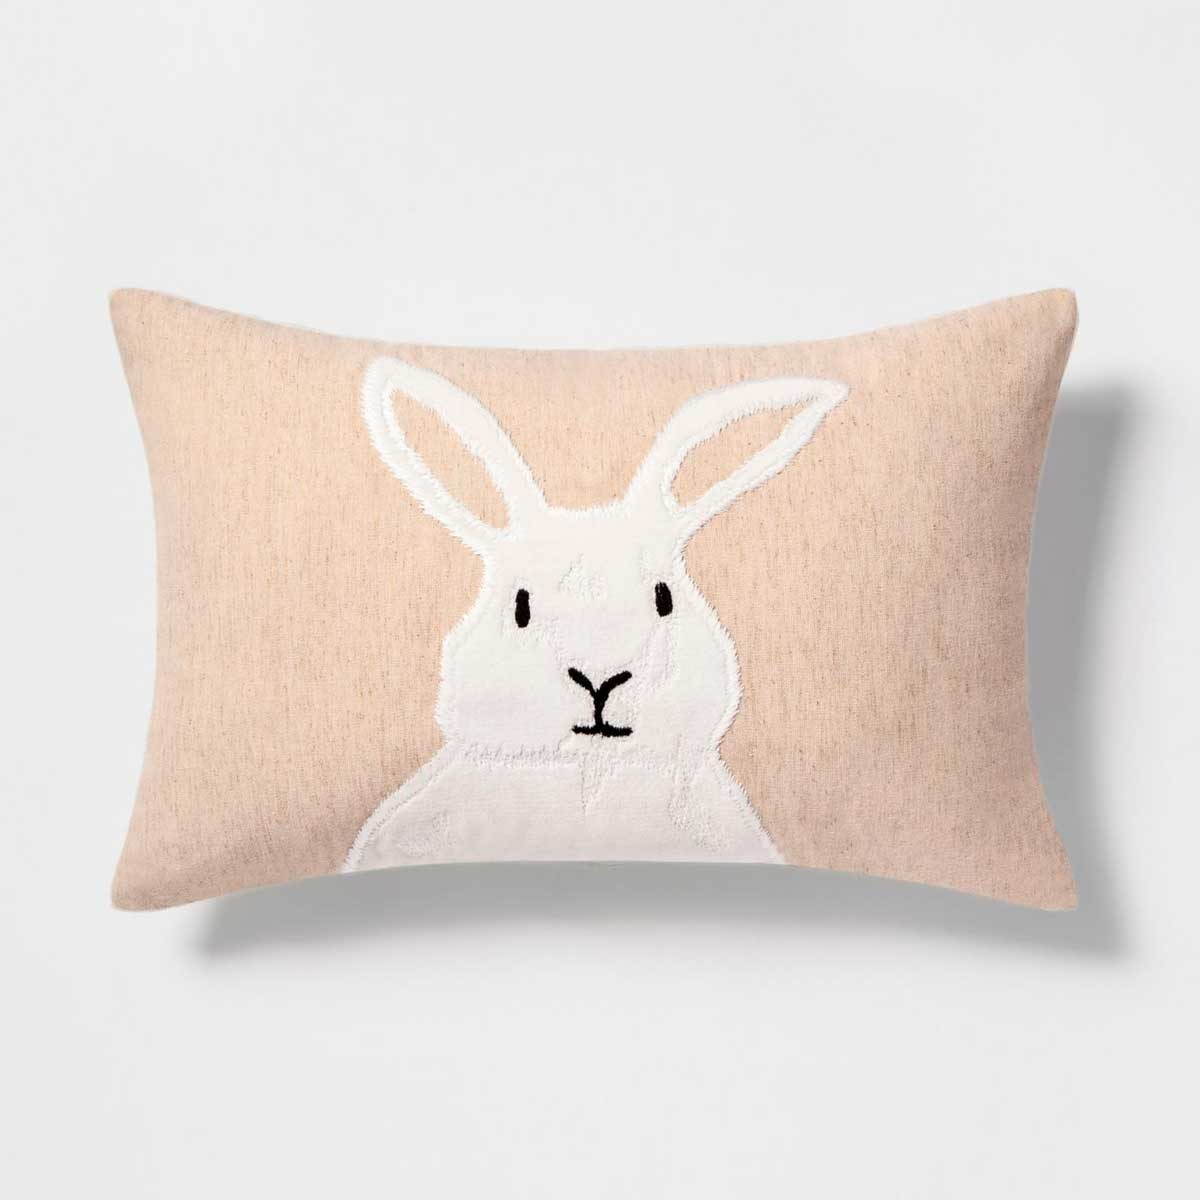 Target bunny pillow